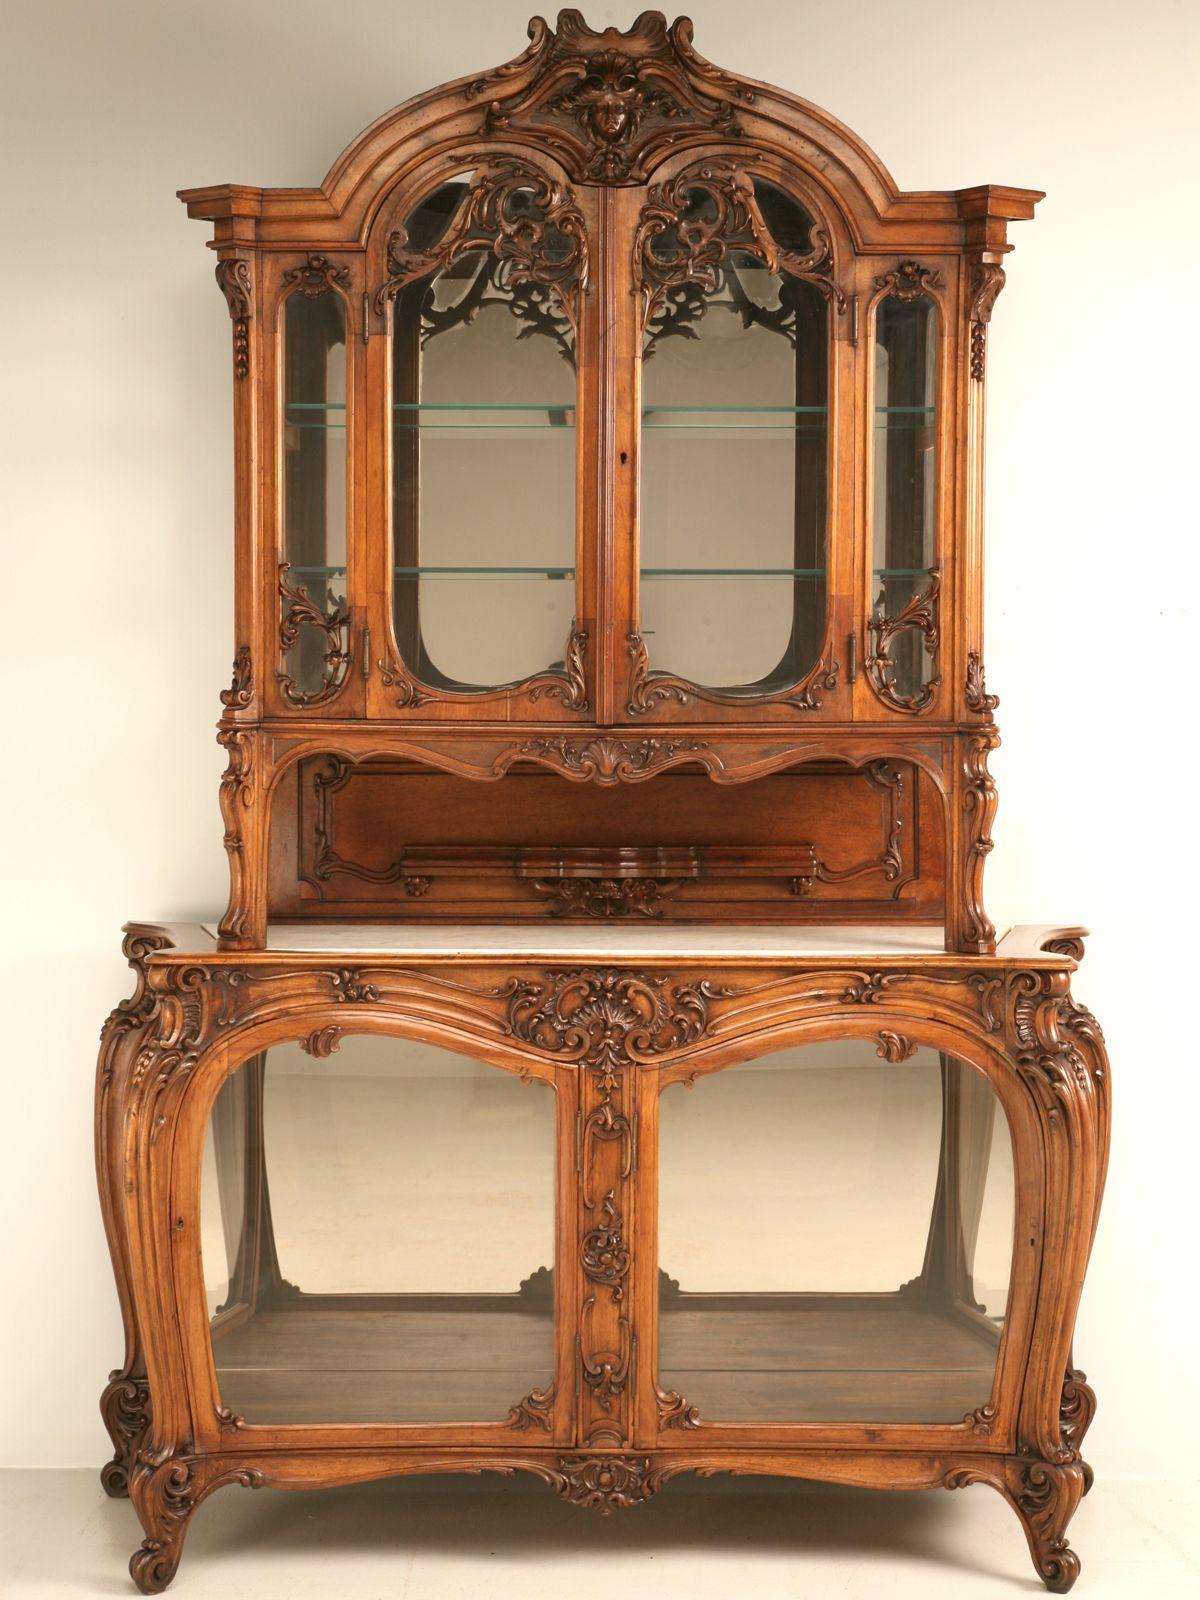 france circa 1900 antique french walnut art nouveau china cabinet jugendstil pinterest. Black Bedroom Furniture Sets. Home Design Ideas